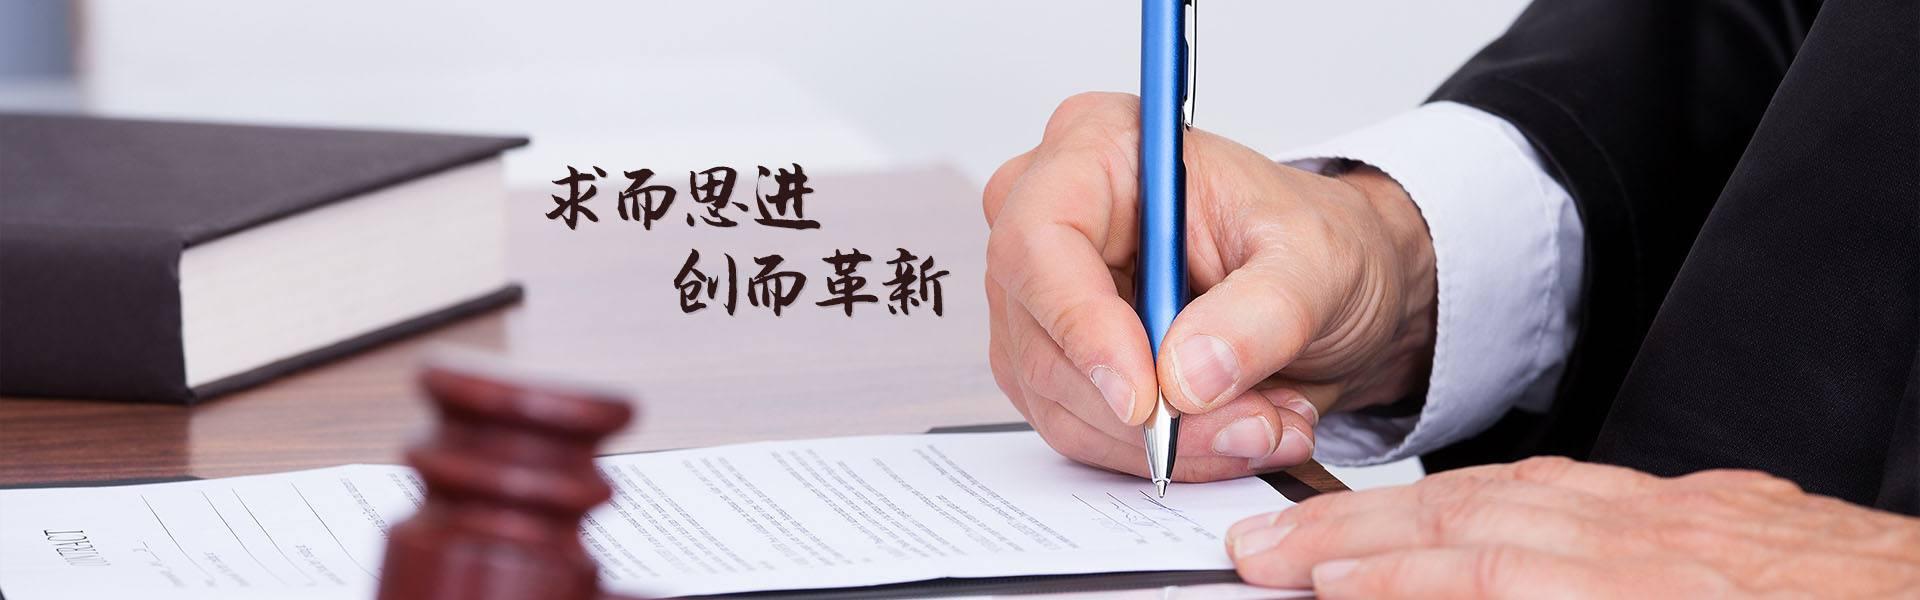 兴平劳动合同纠纷